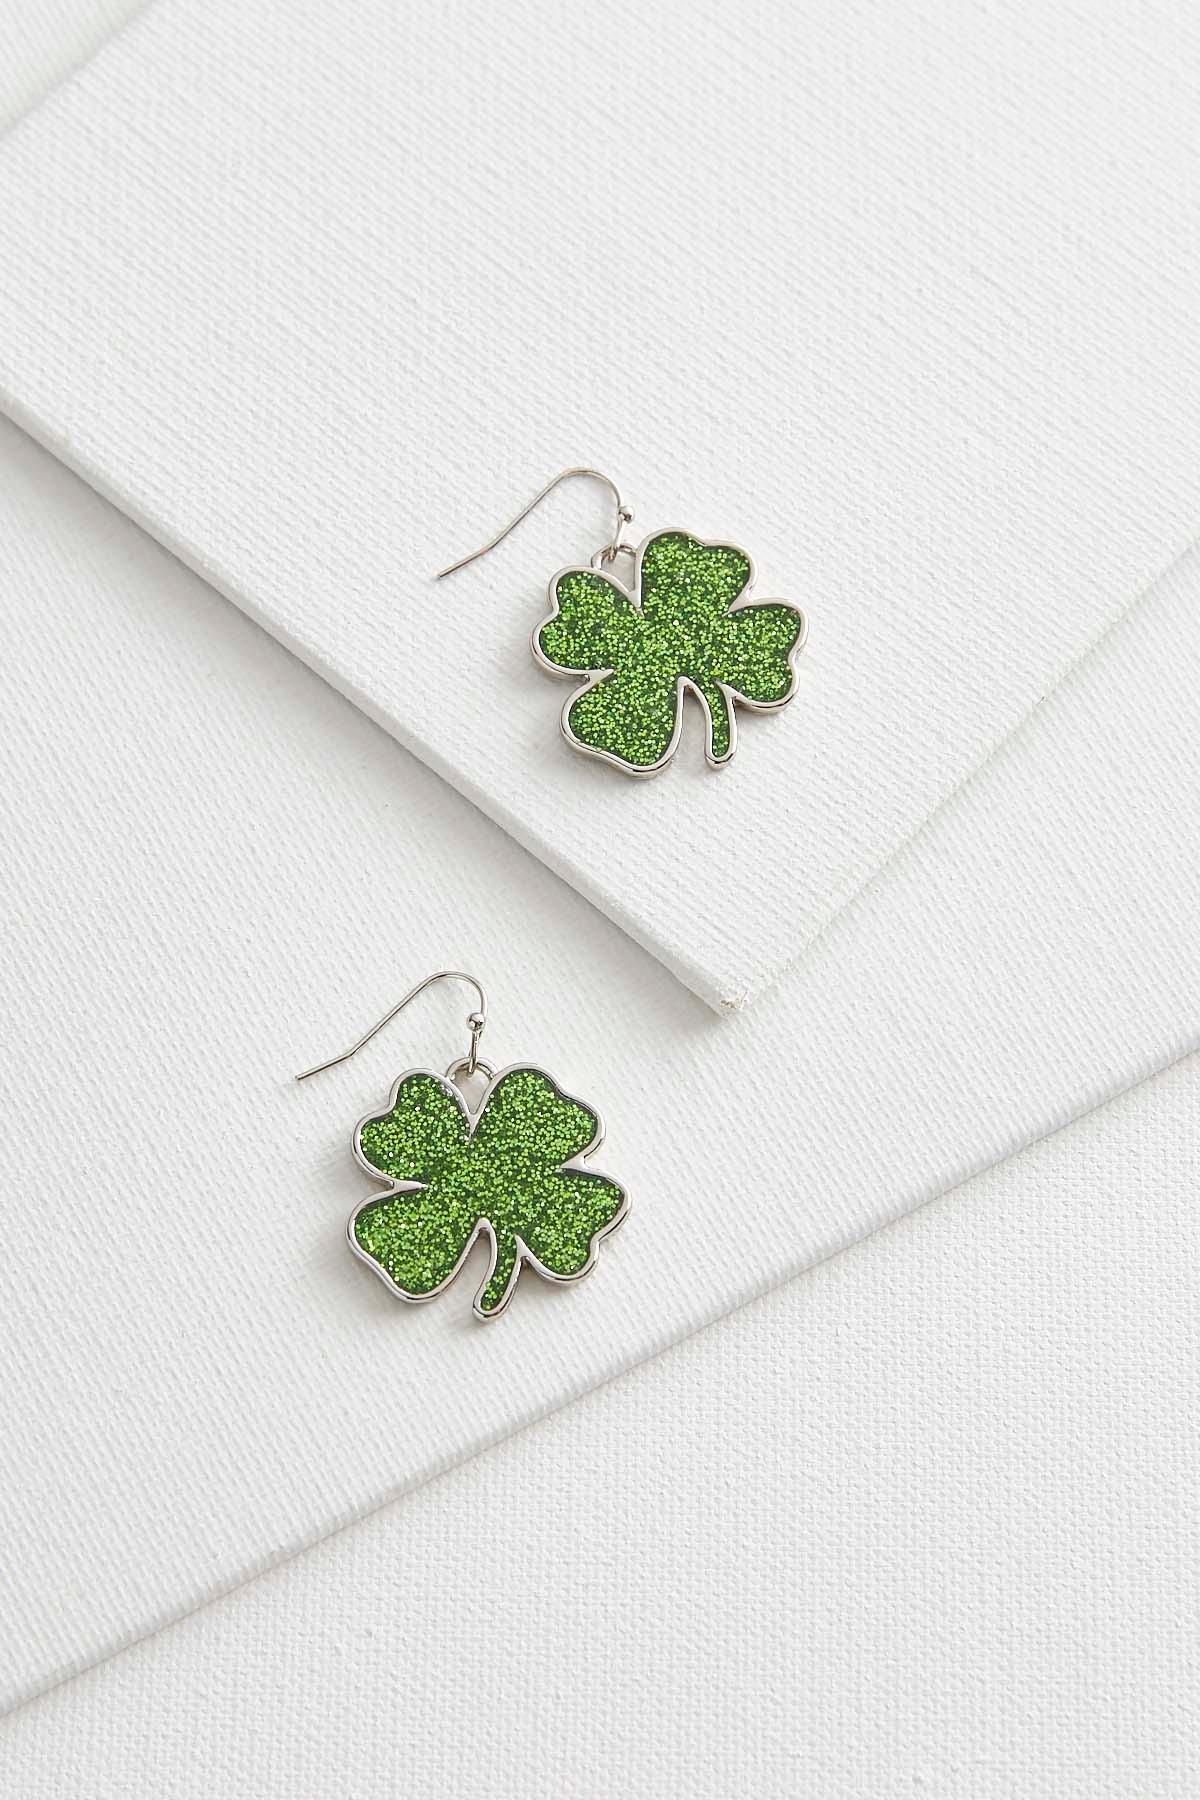 Glitter Shamrock Dangle Earrings